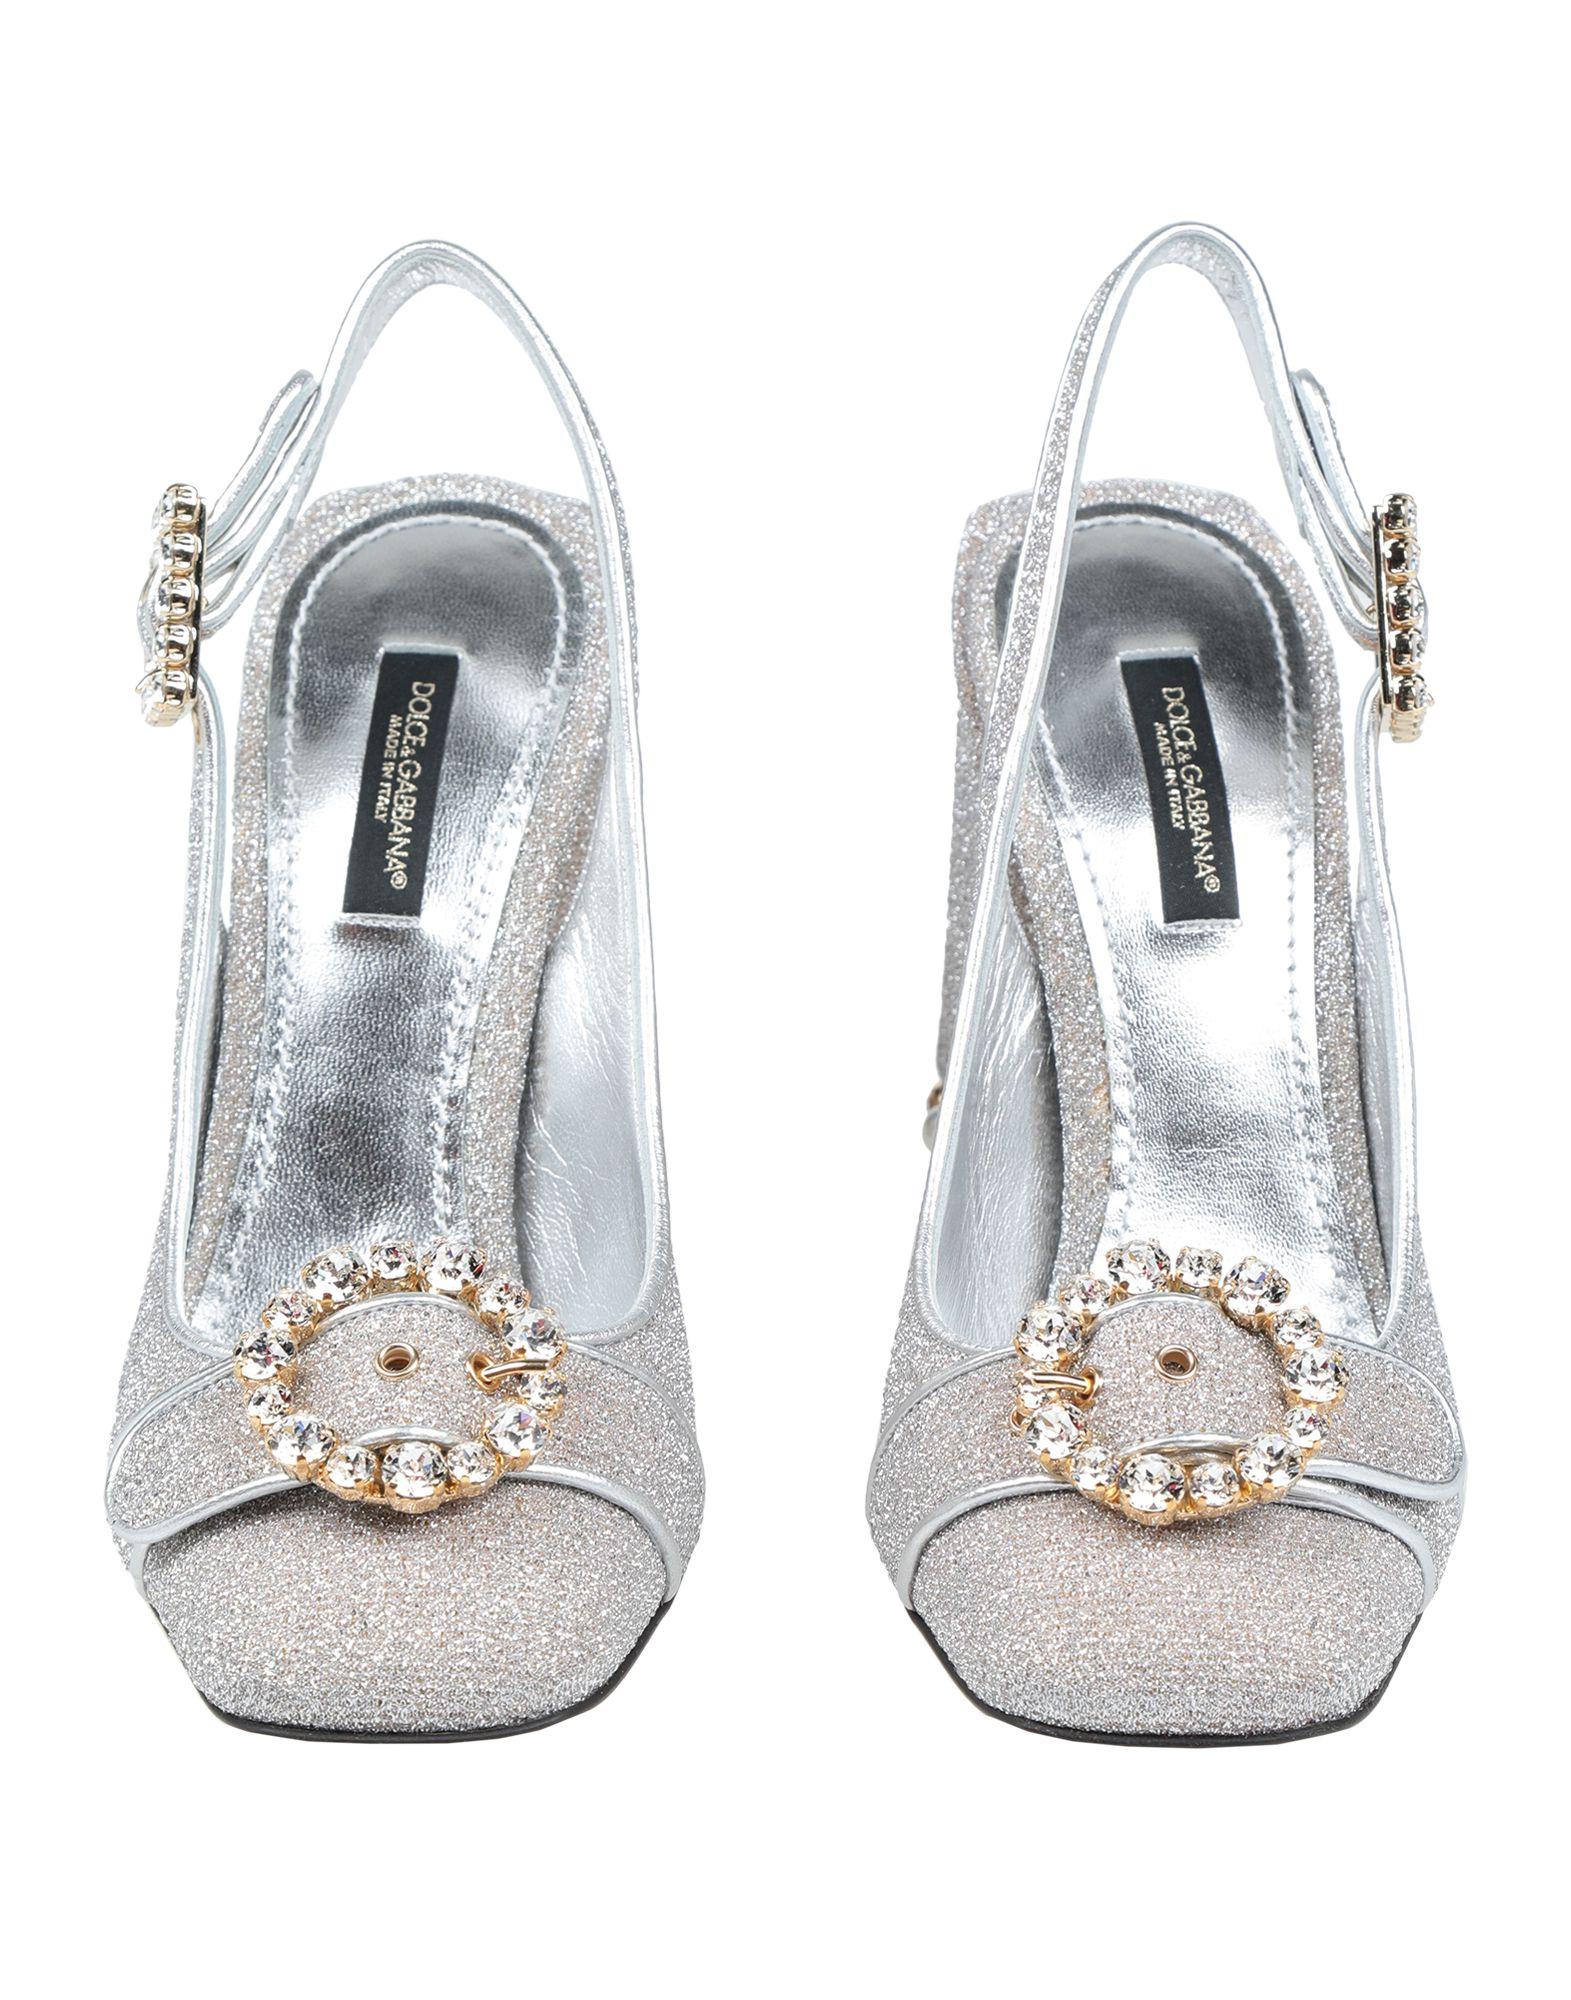 Dolce & es Gabbana Pumps Damen Gutes Preis-Leistungs-Verhältnis, es & lohnt sich 07efb1